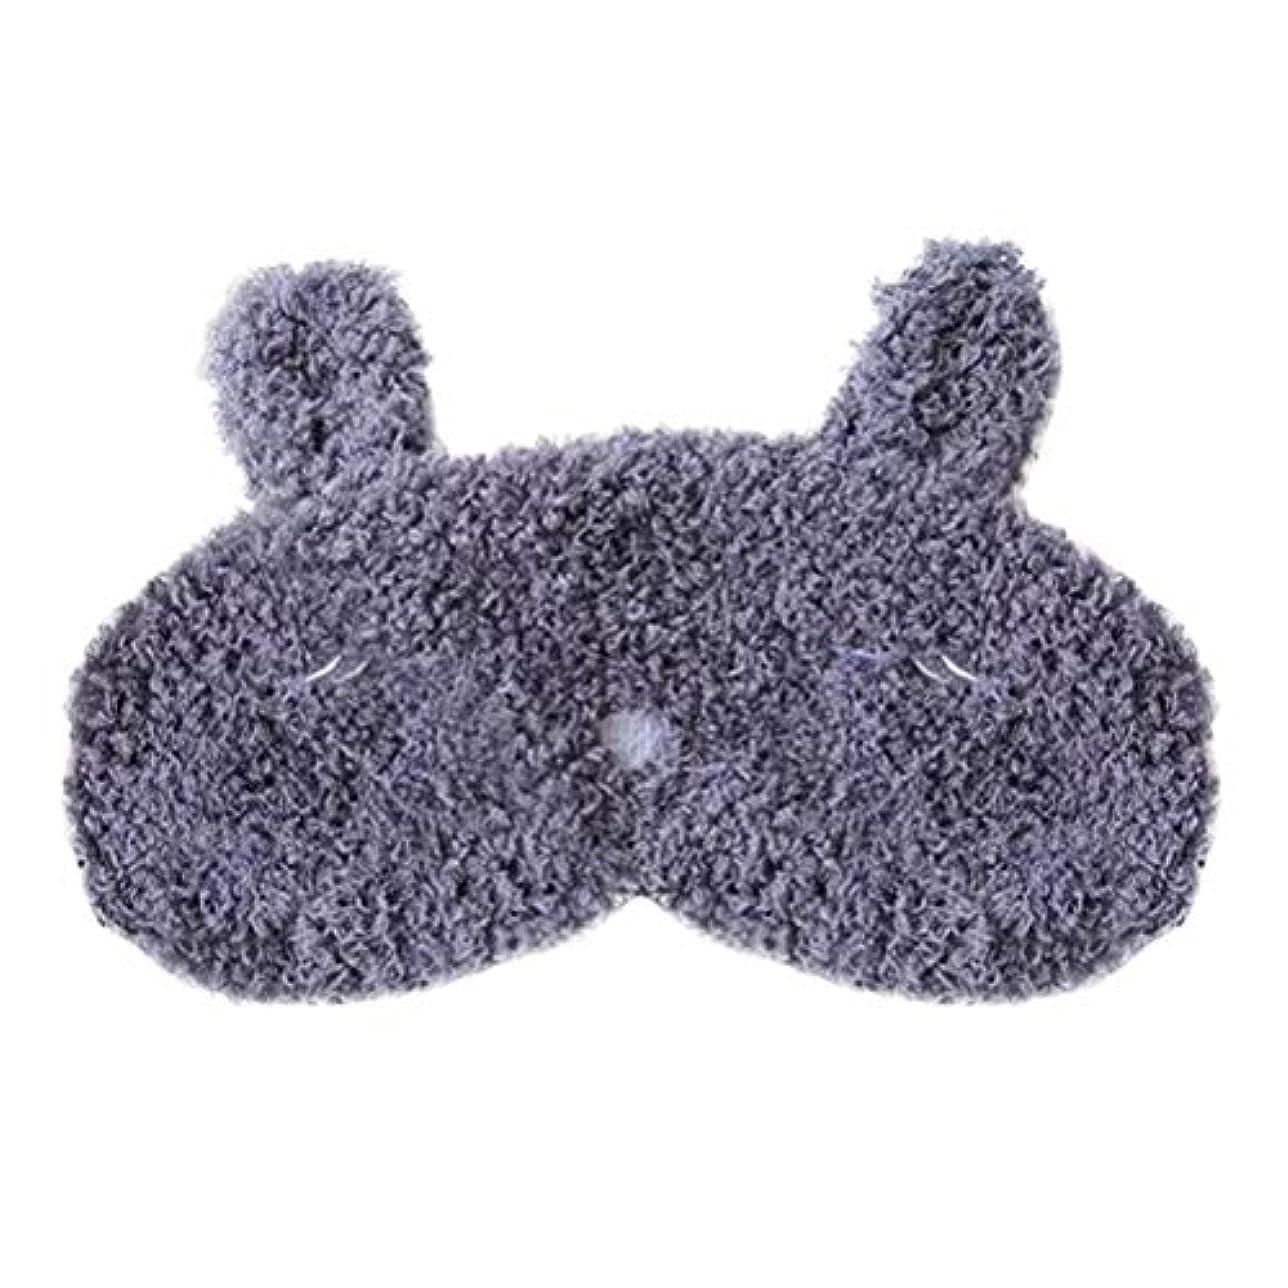 マークダウン断片まあHEALIFTY かわいいアイマスクアイシェッドカーネーションアイマスクウサギのキャットアイパッチ(睡眠ニップ(ネイビー)